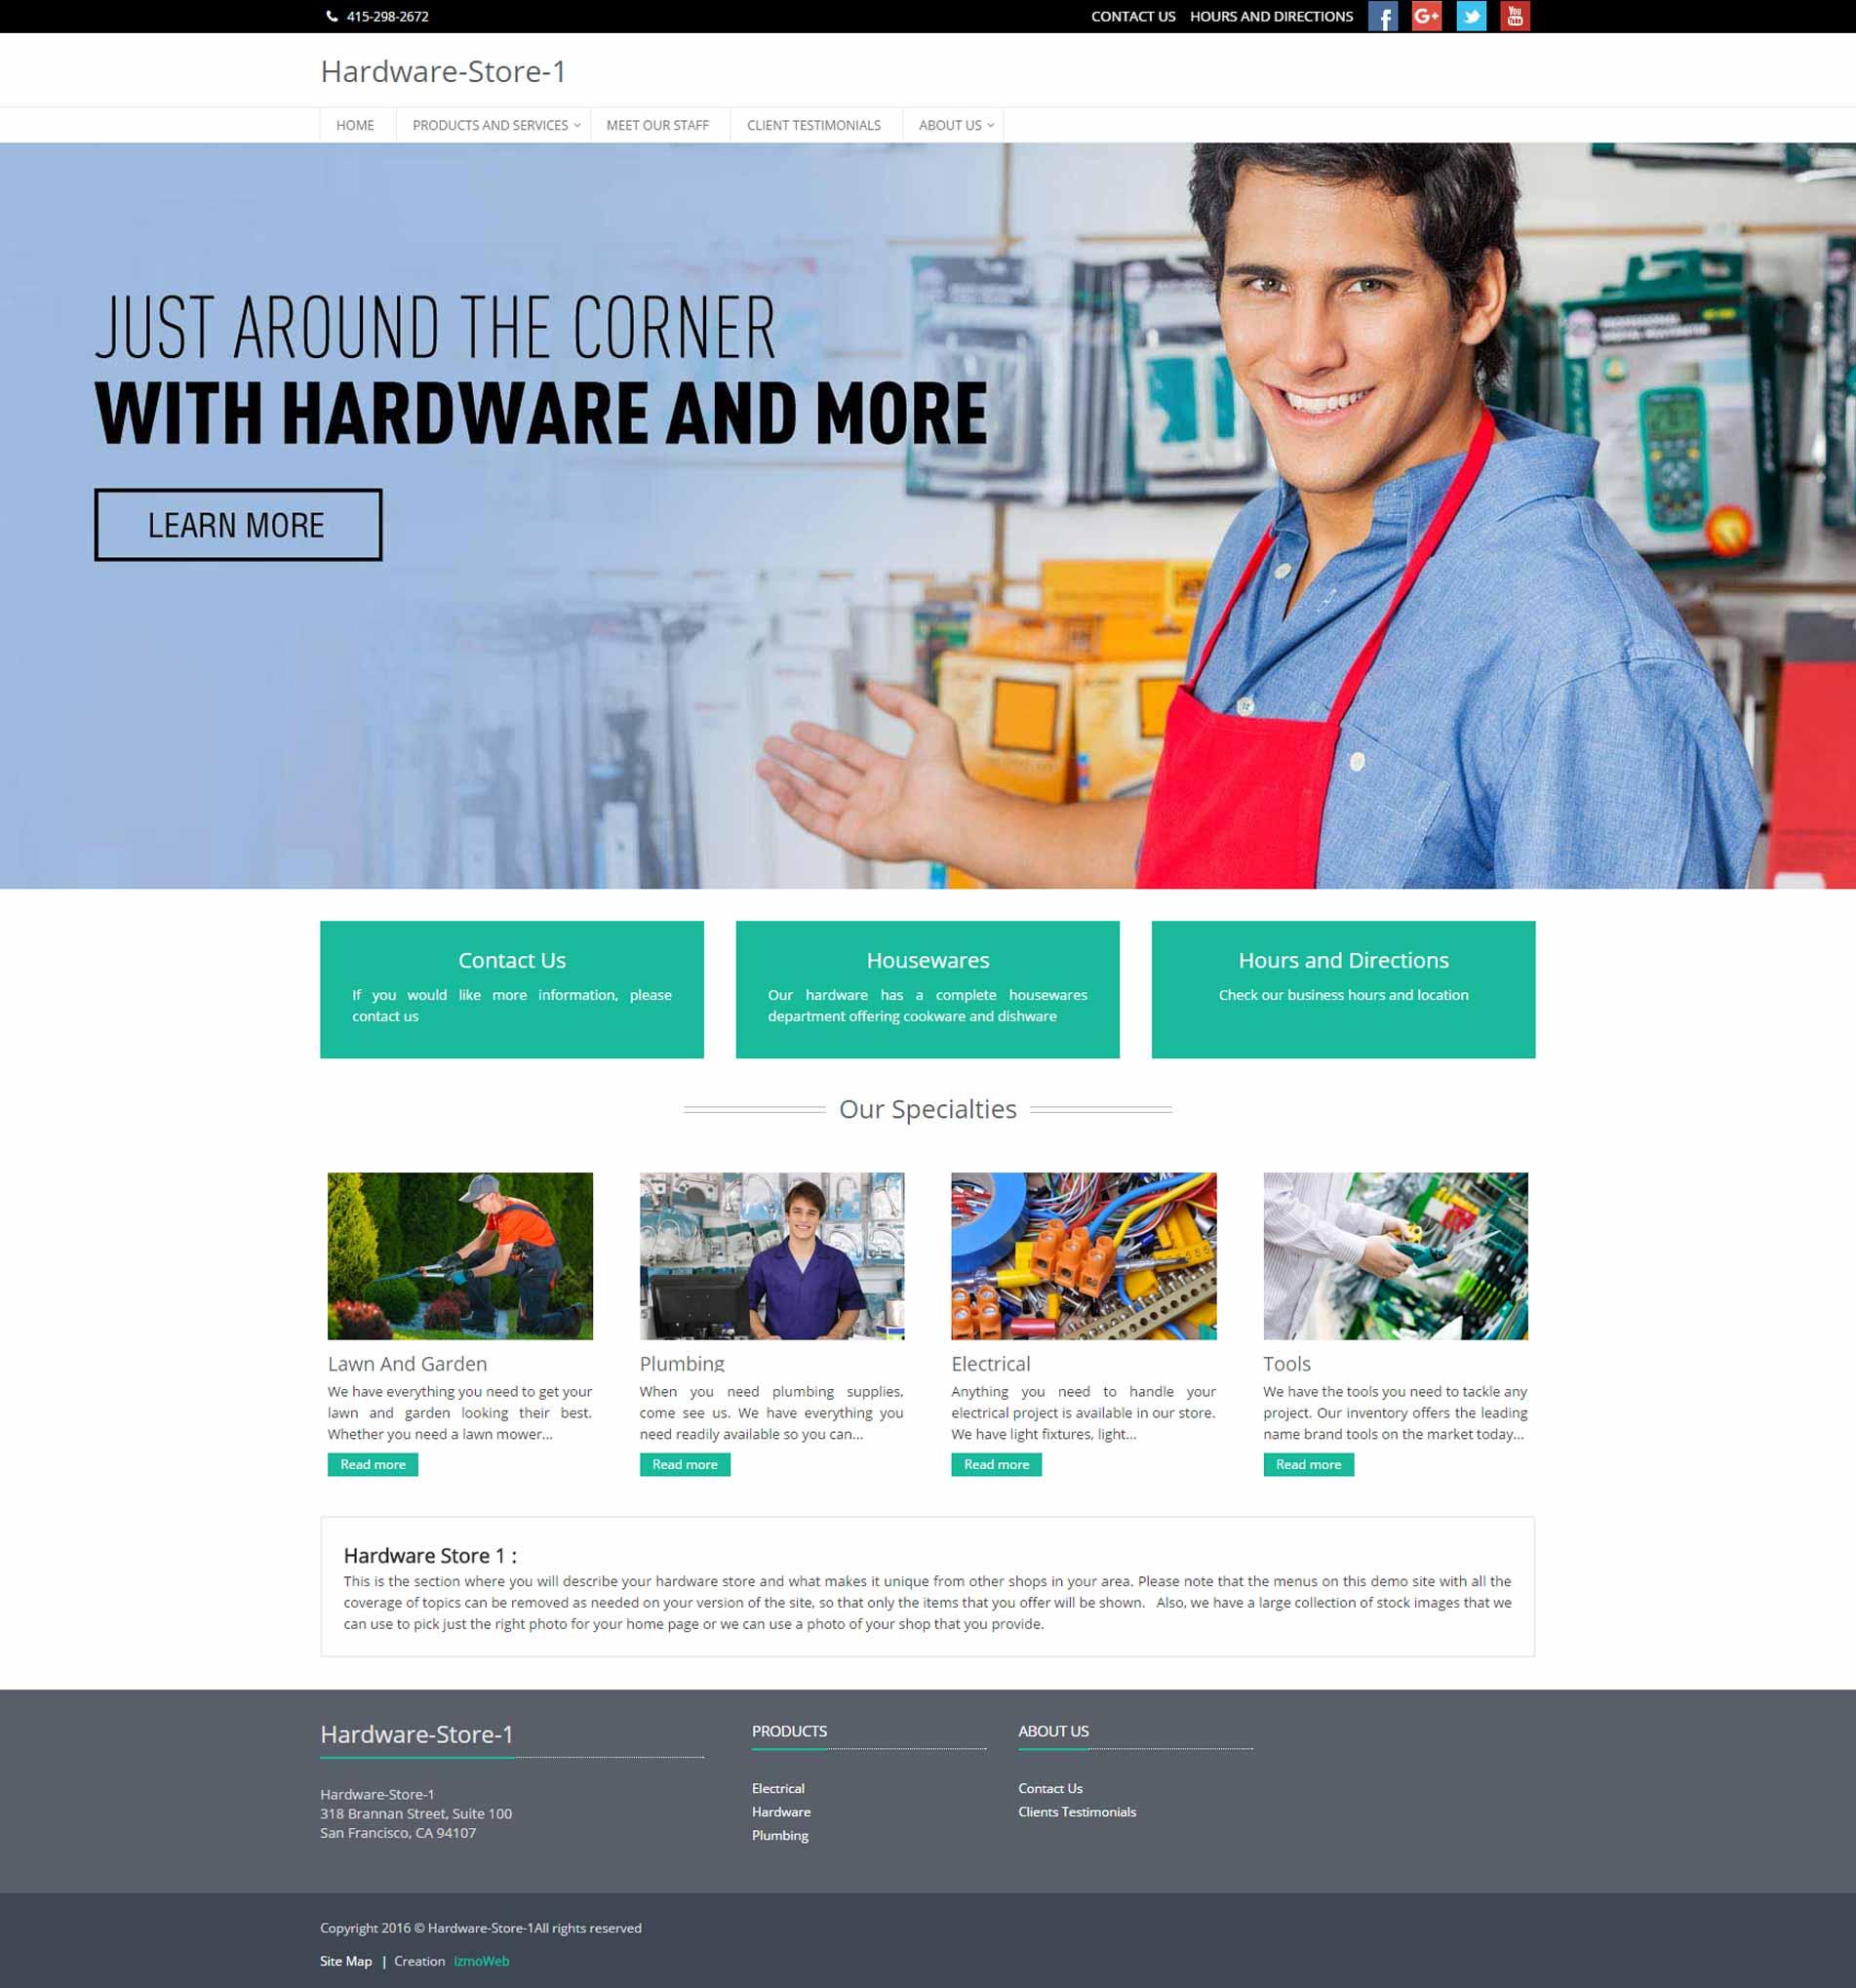 Hardware Store Website In 15 Minutes - izmoweb com